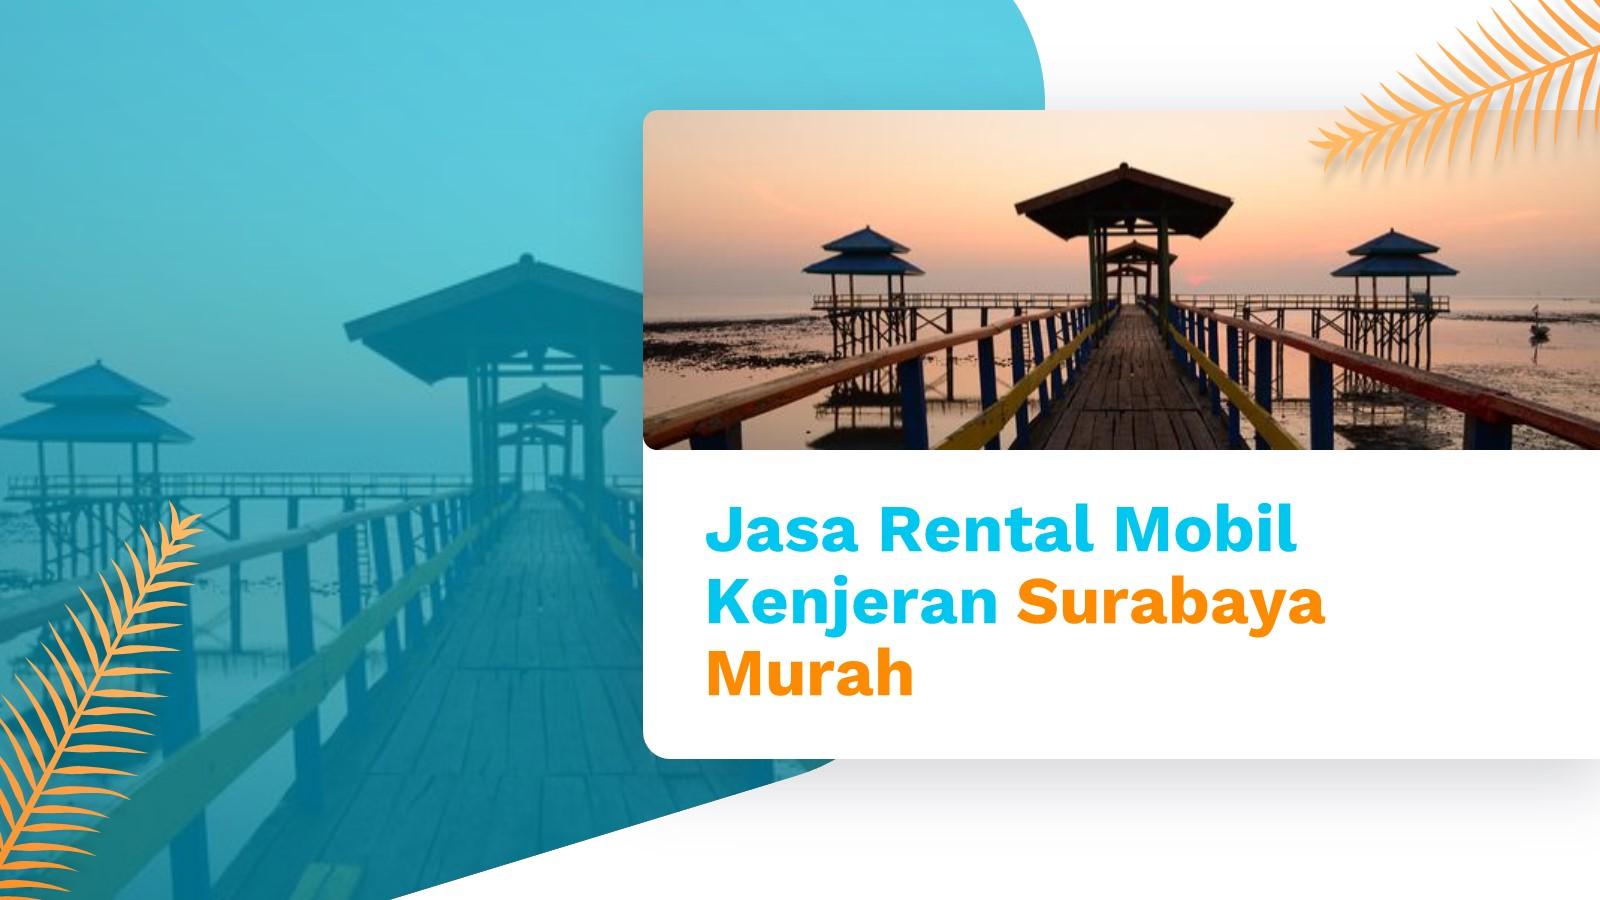 Jasa Rental Mobil Kenjeran Surabaya Murah